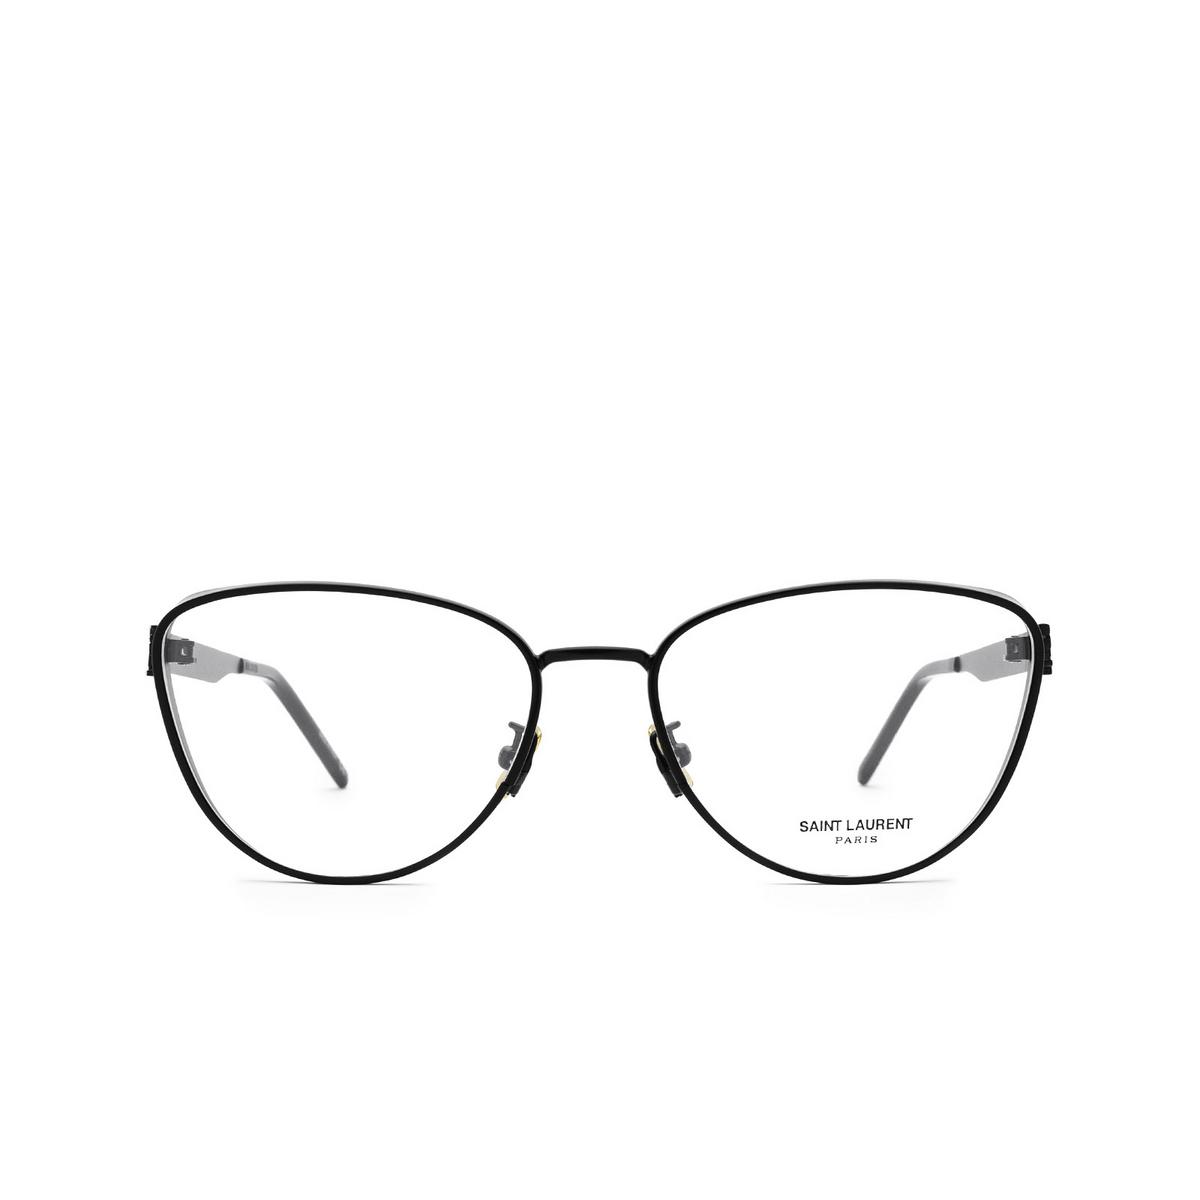 Saint Laurent® Cat-eye Eyeglasses: SL M92 color Black 003 - front view.